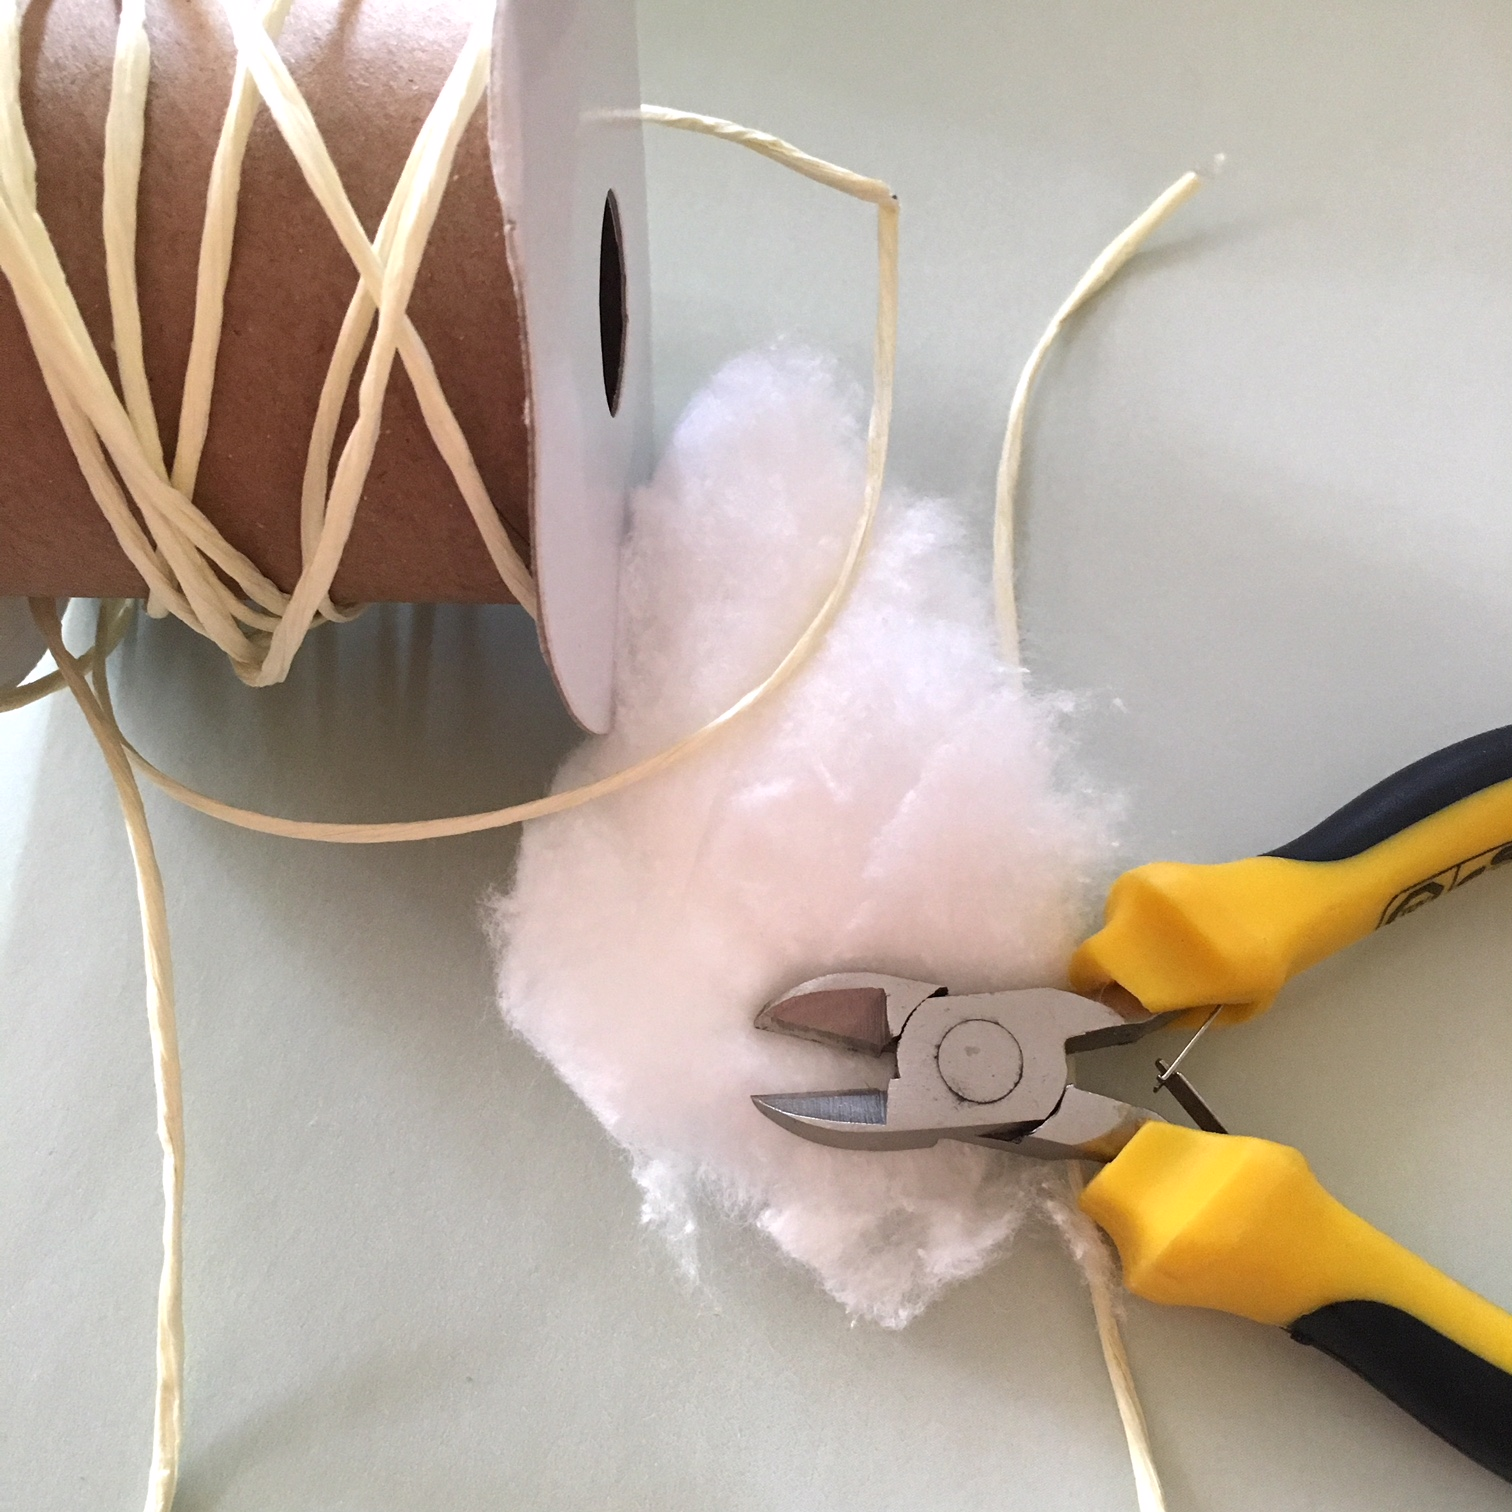 paper wire, pliers, cotton